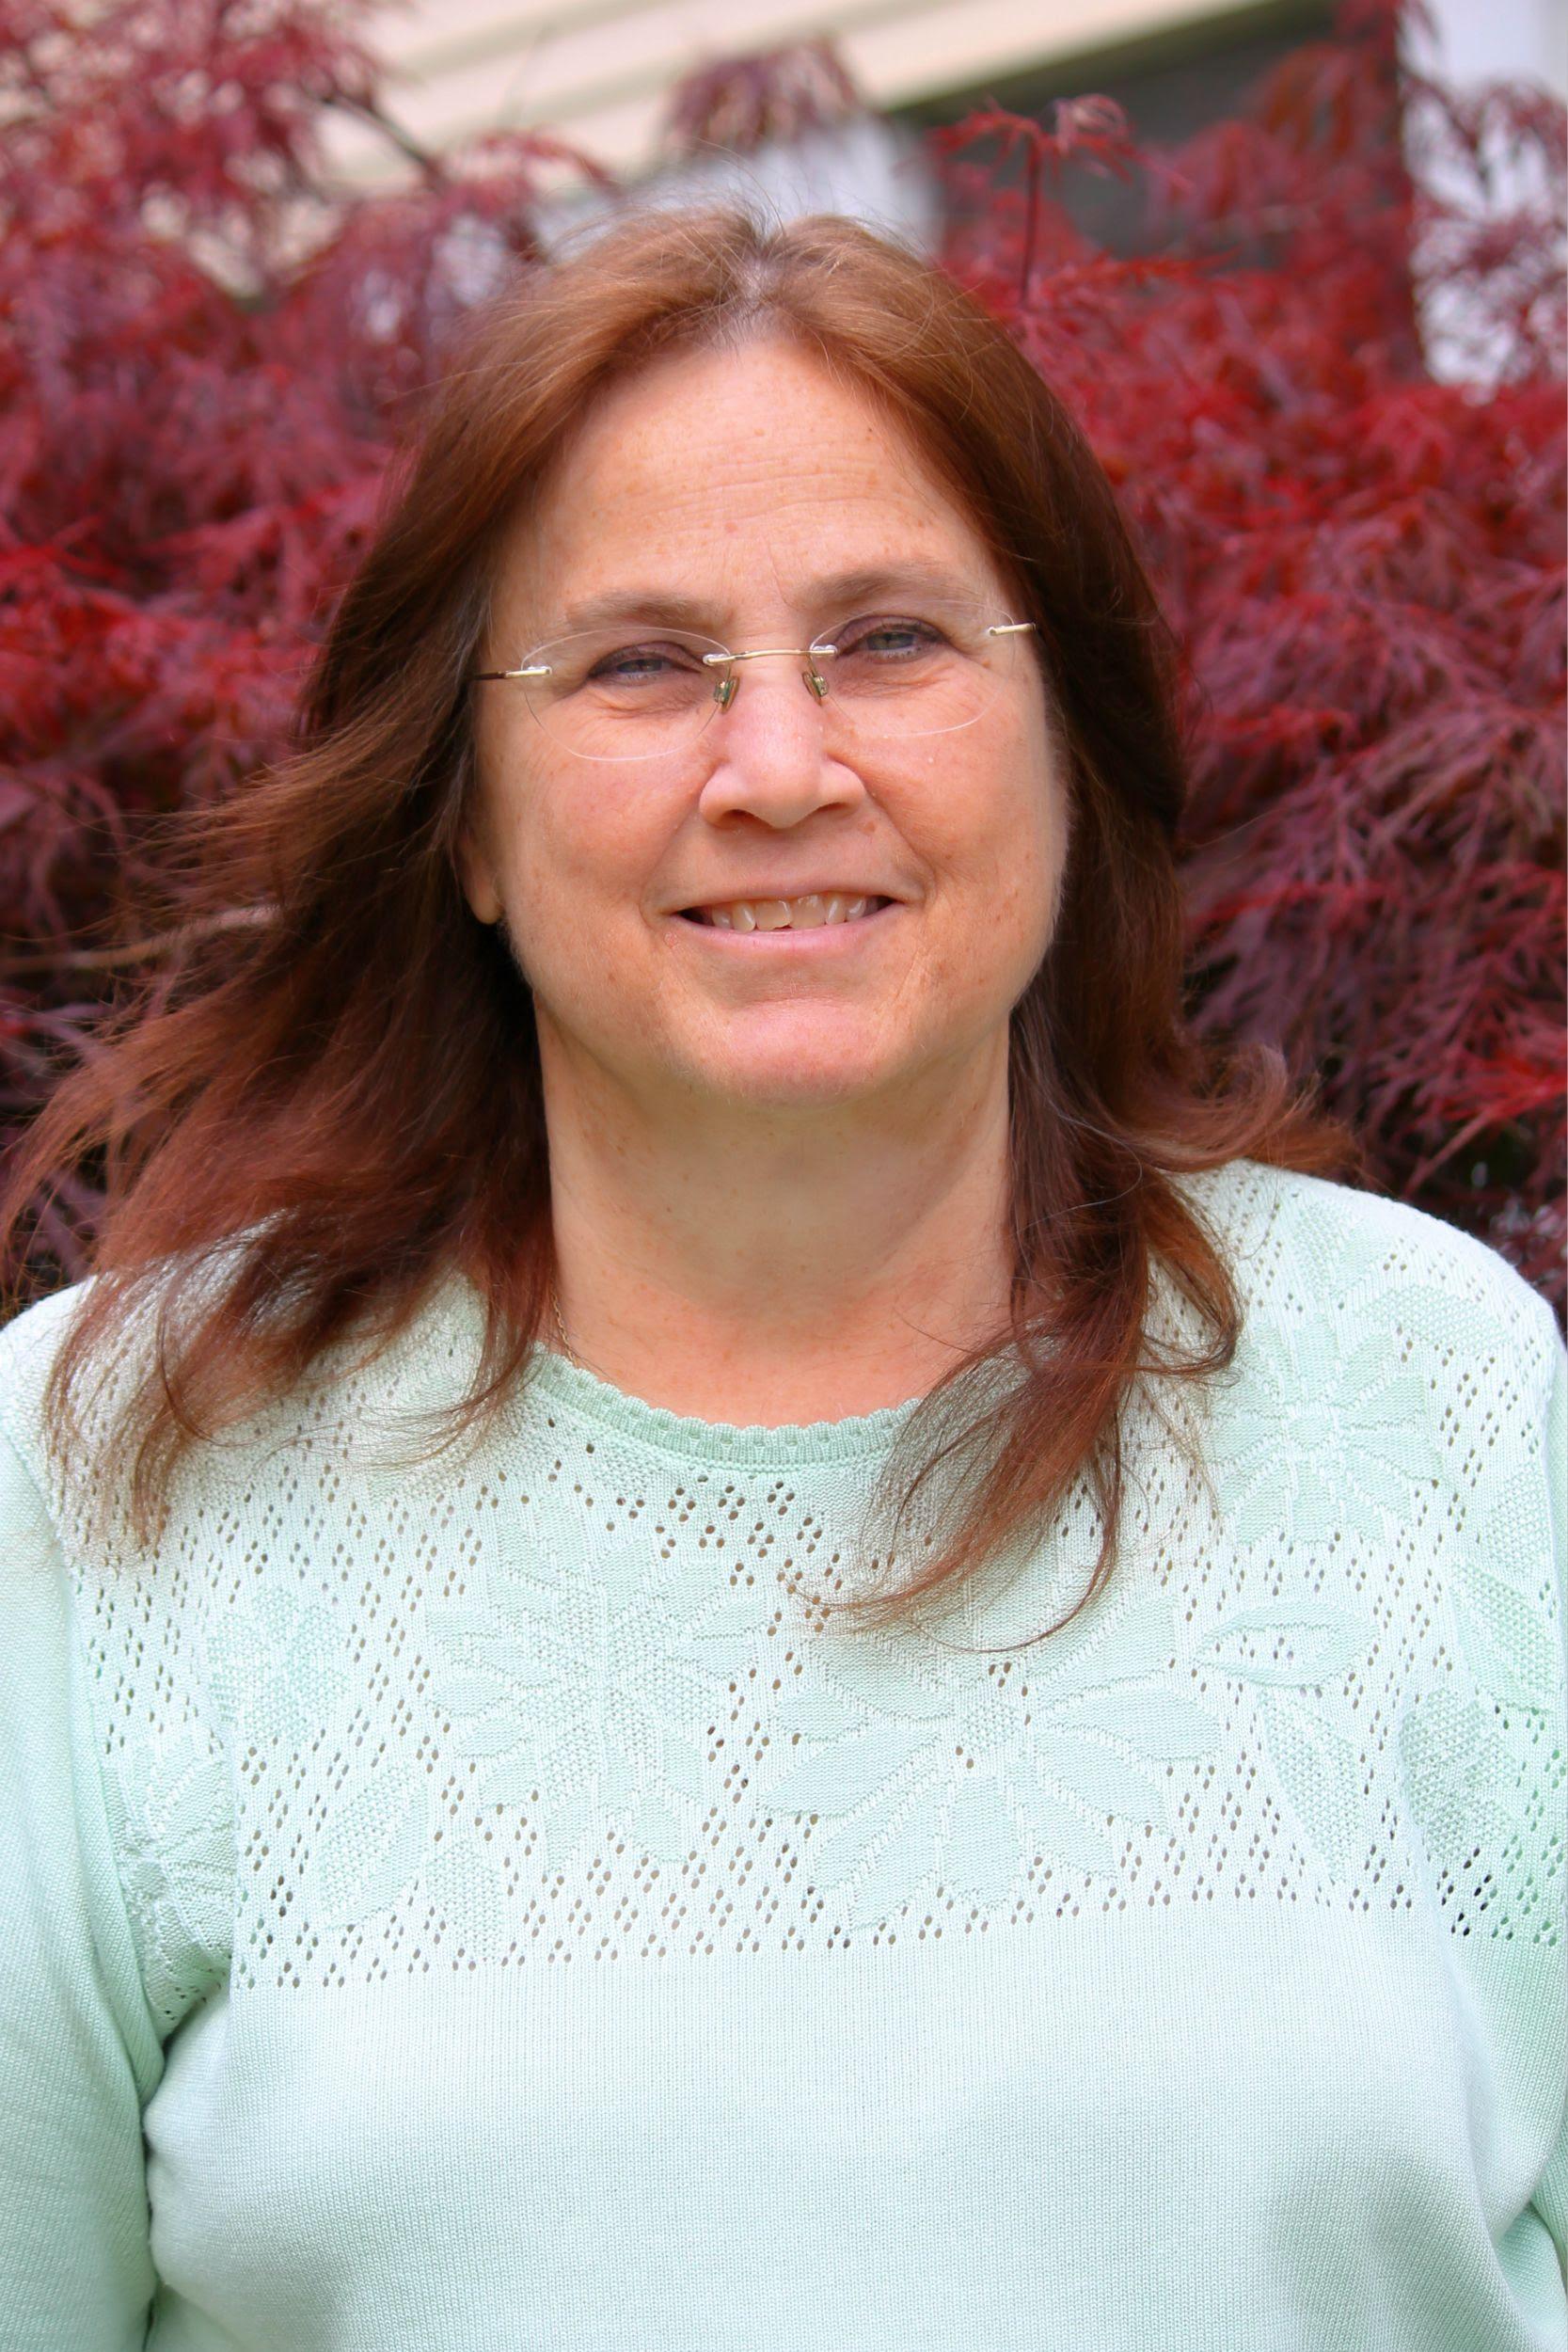 Children's-Fiction-Author Kathy-Cannon-Wiechman